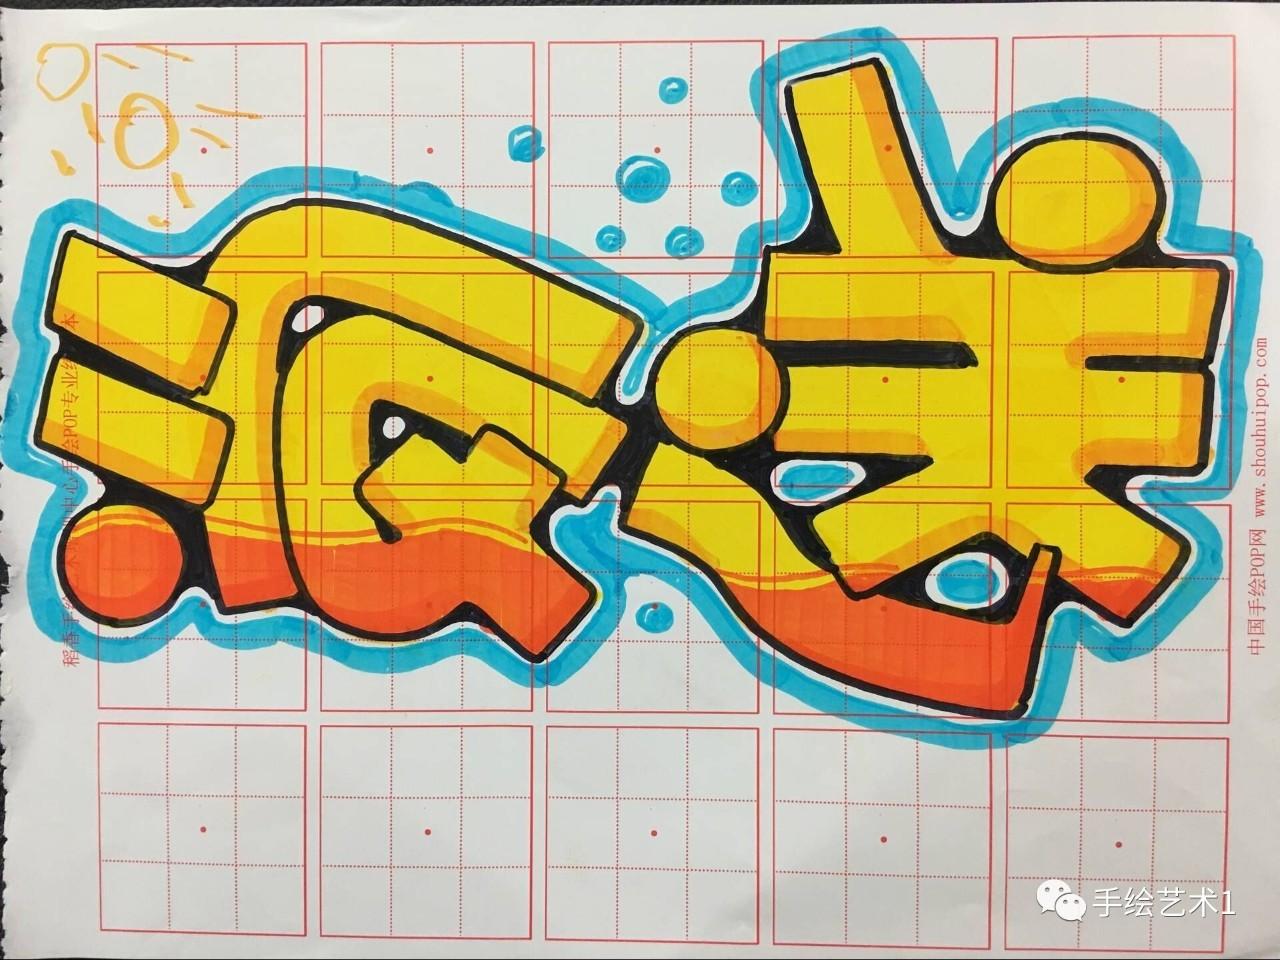 【手绘pop字体】一种以框边及水浪效果的标题修饰,相信您做的比这个更